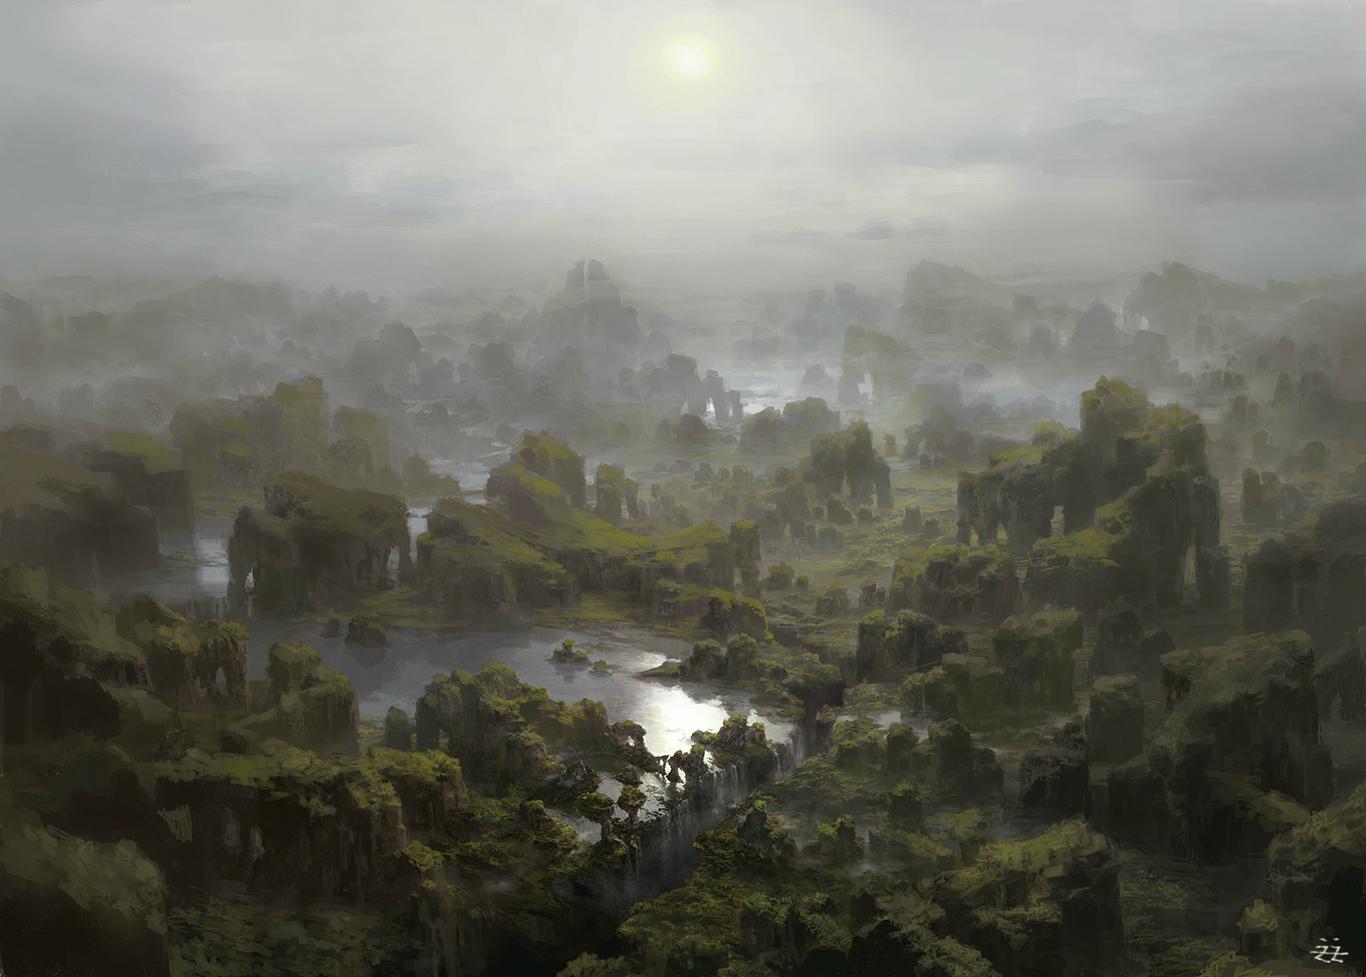 Tianhua x huaguo mountian 1 a9da25e8 qetr